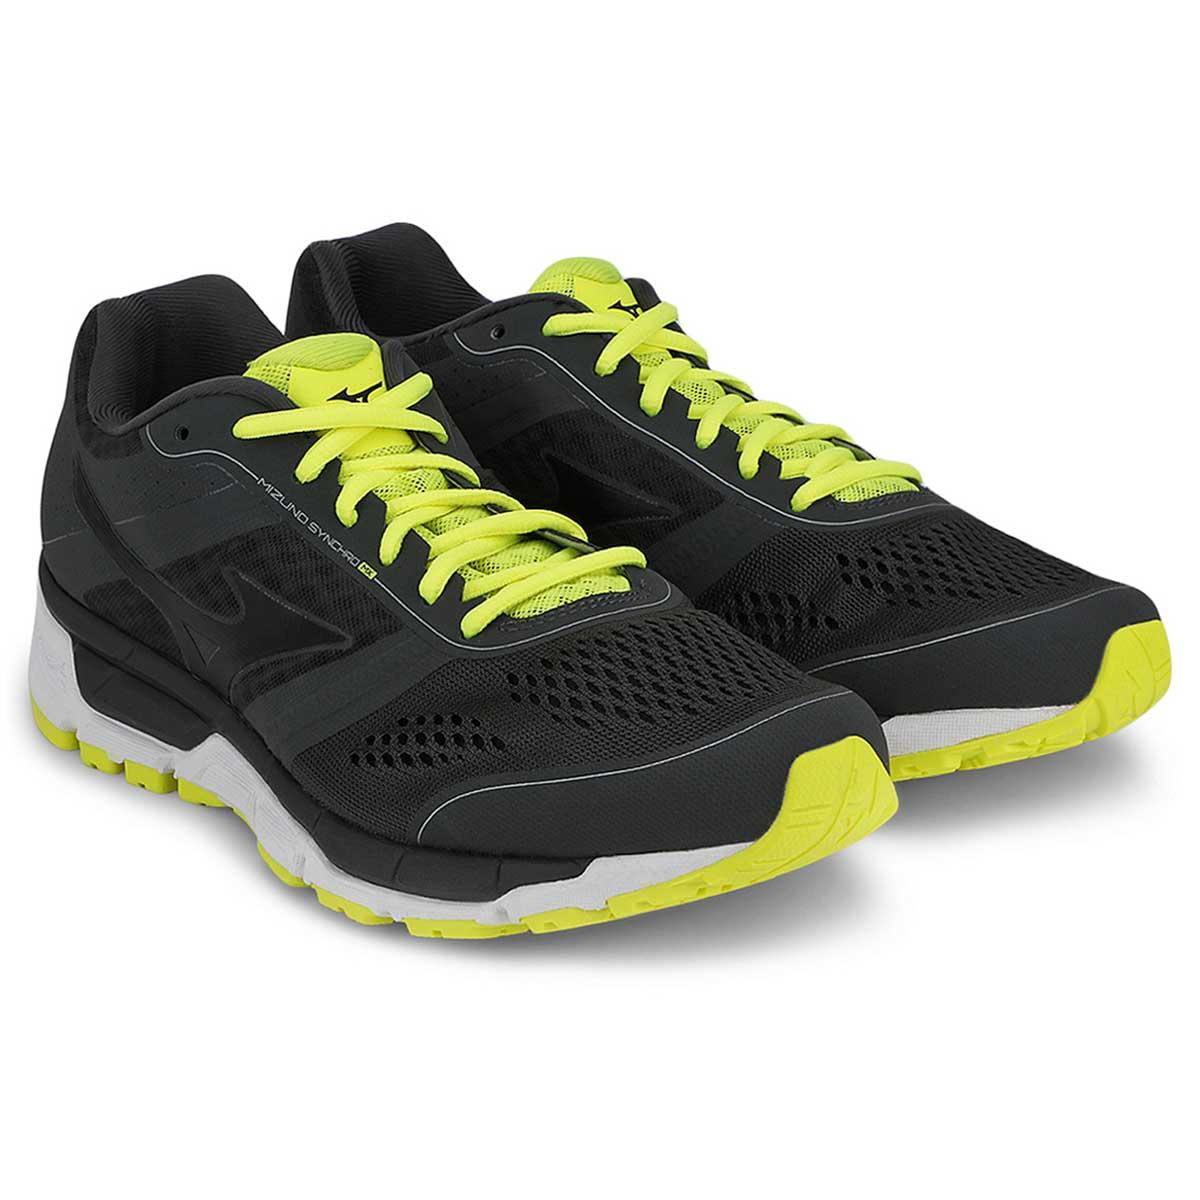 Buy Mizuno Synchro MX Running Shoes